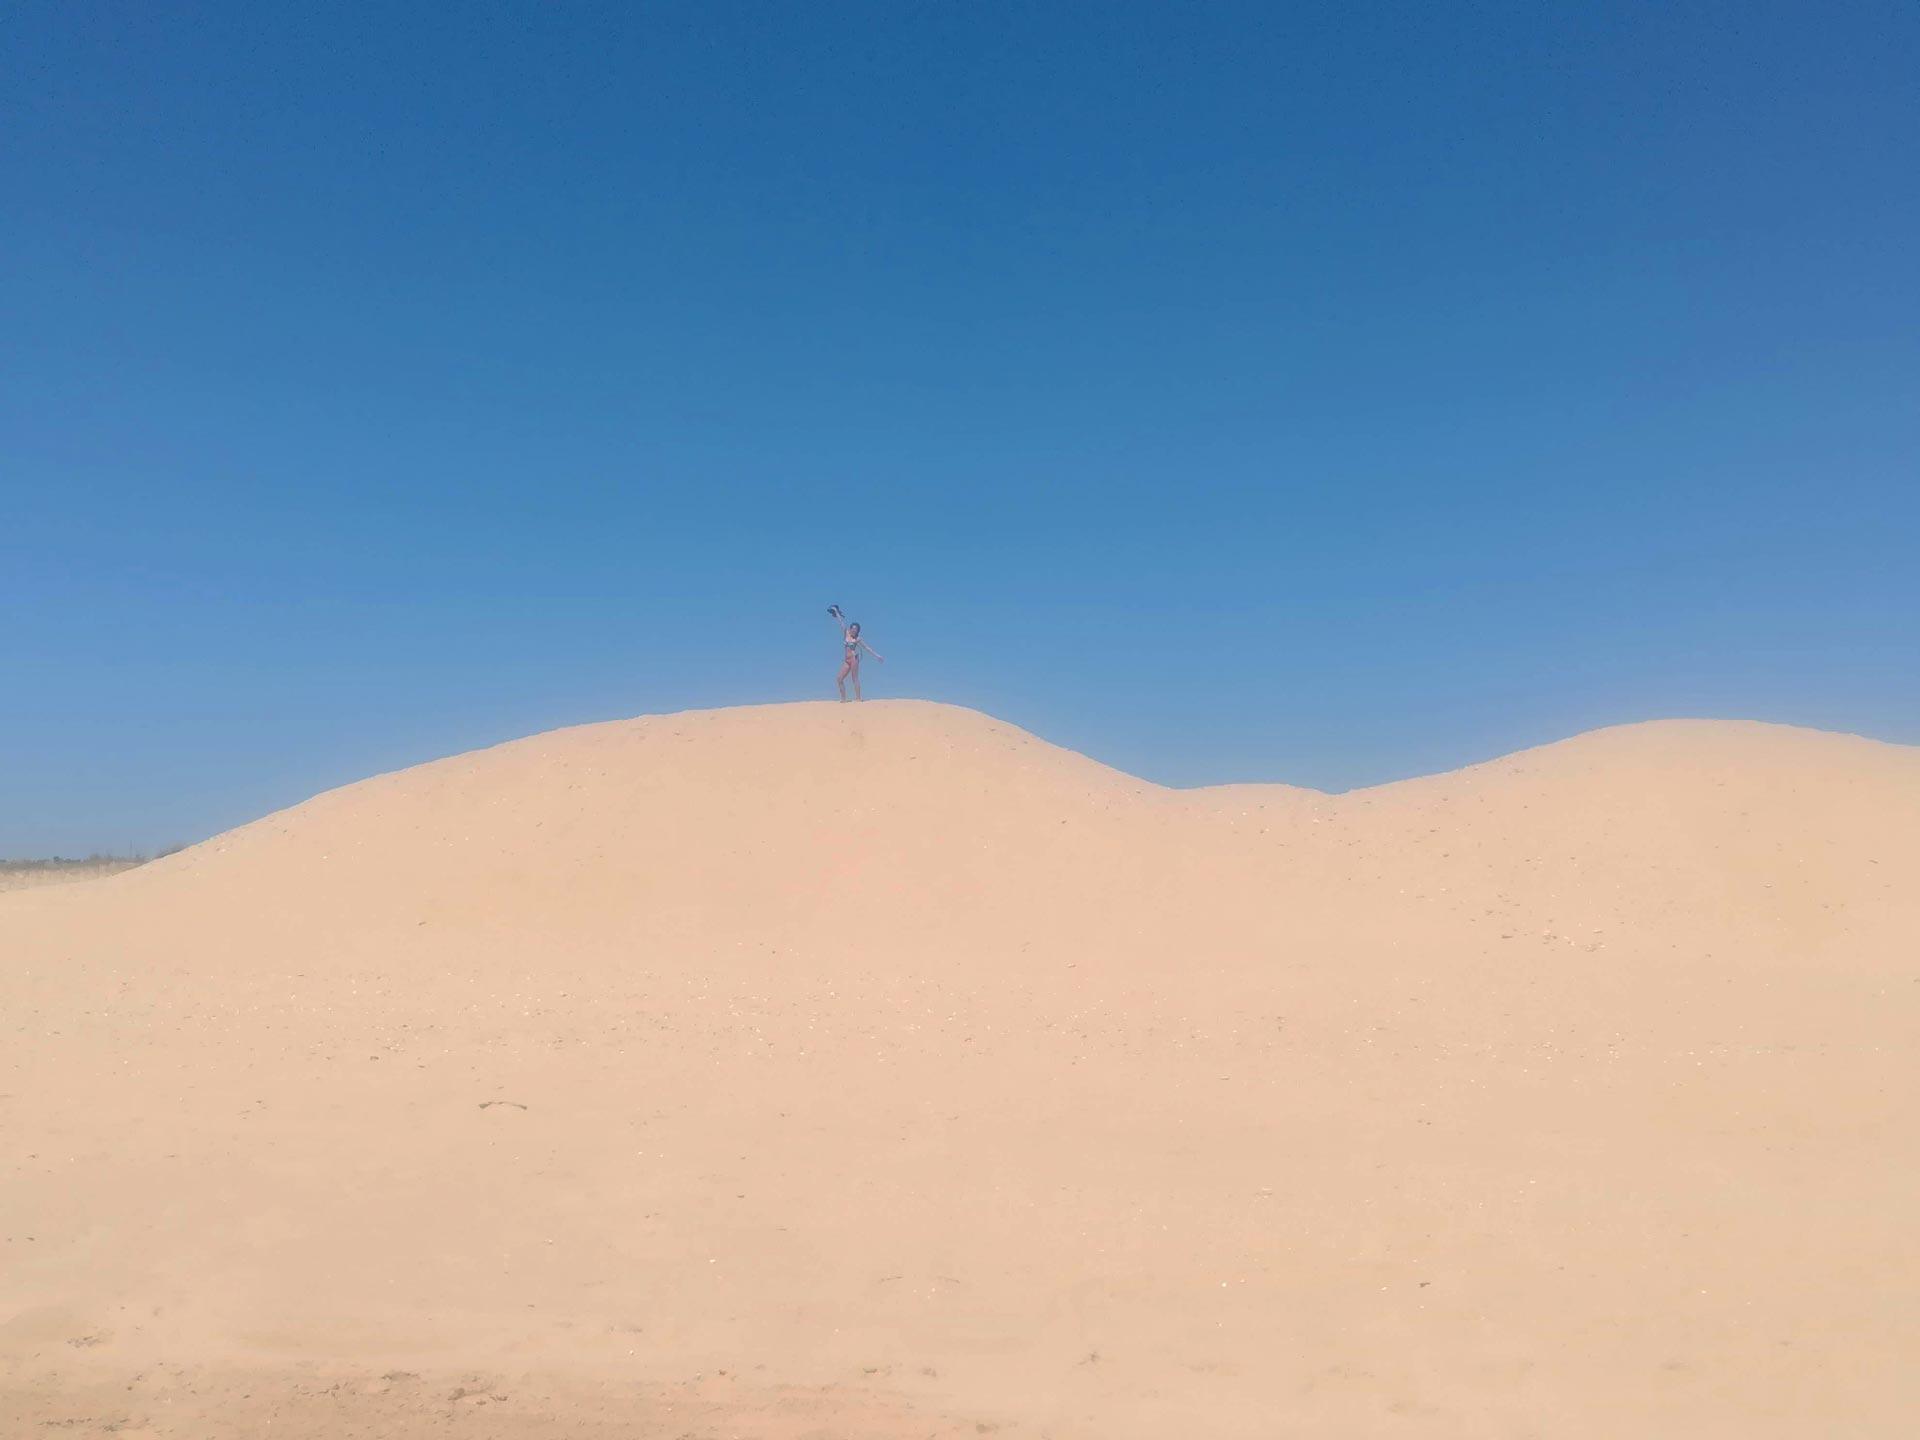 Dettaglio delle dune di Praia de Alvor (spiaggia), Portimao, Portogallo